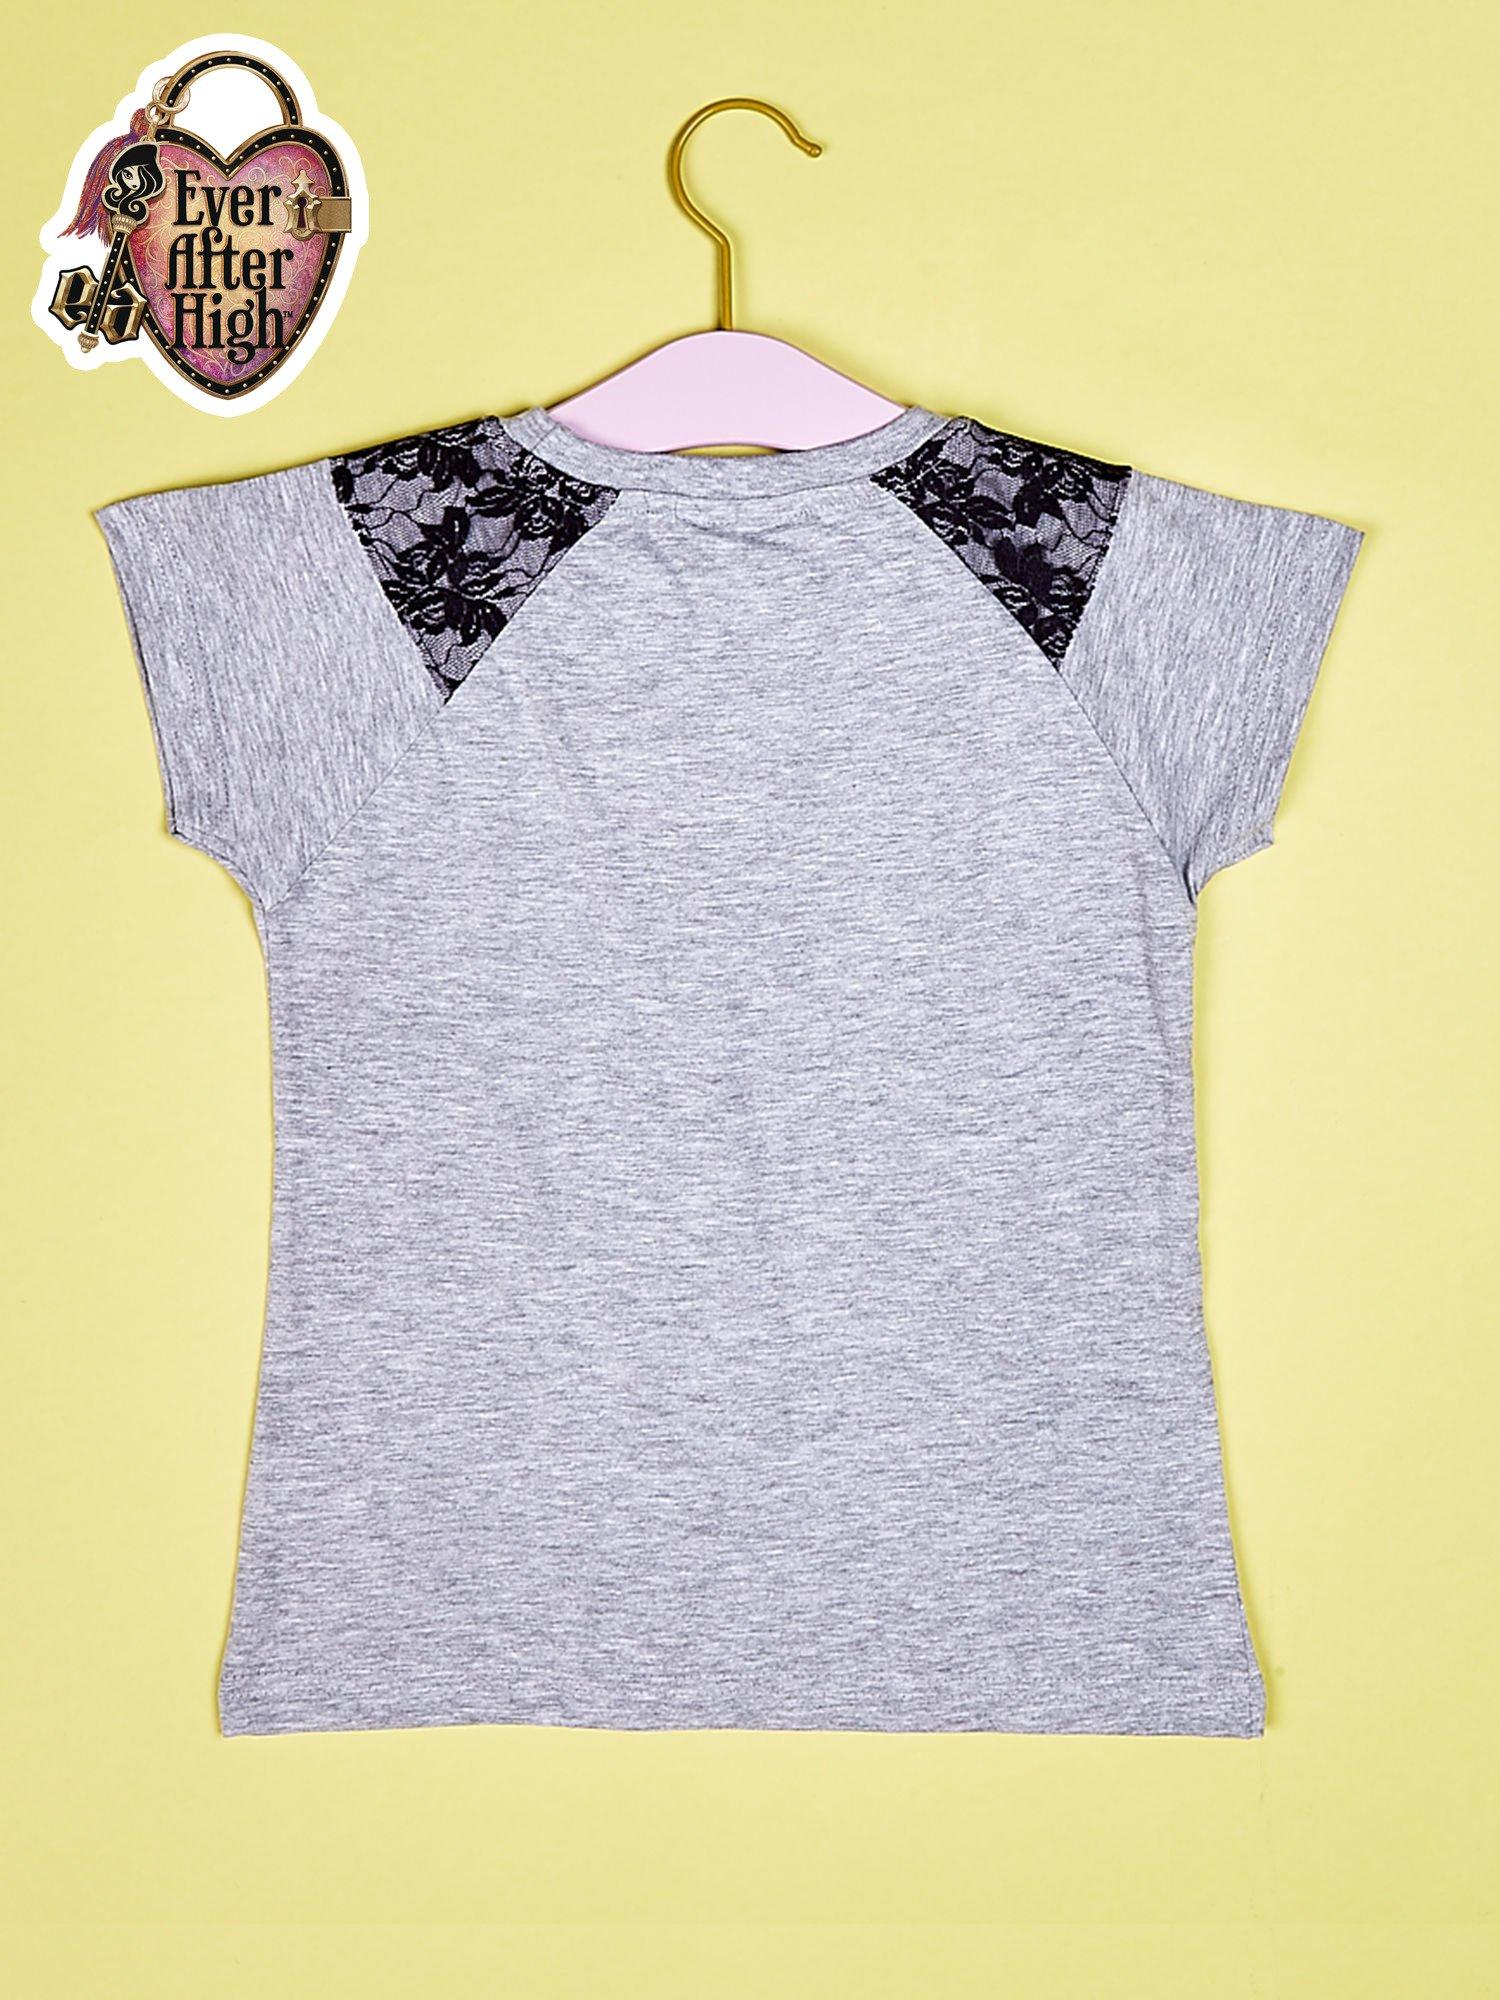 Szary t-shirt z koronką dla dziewczynki EVER AFTER HIGH                                  zdj.                                  2